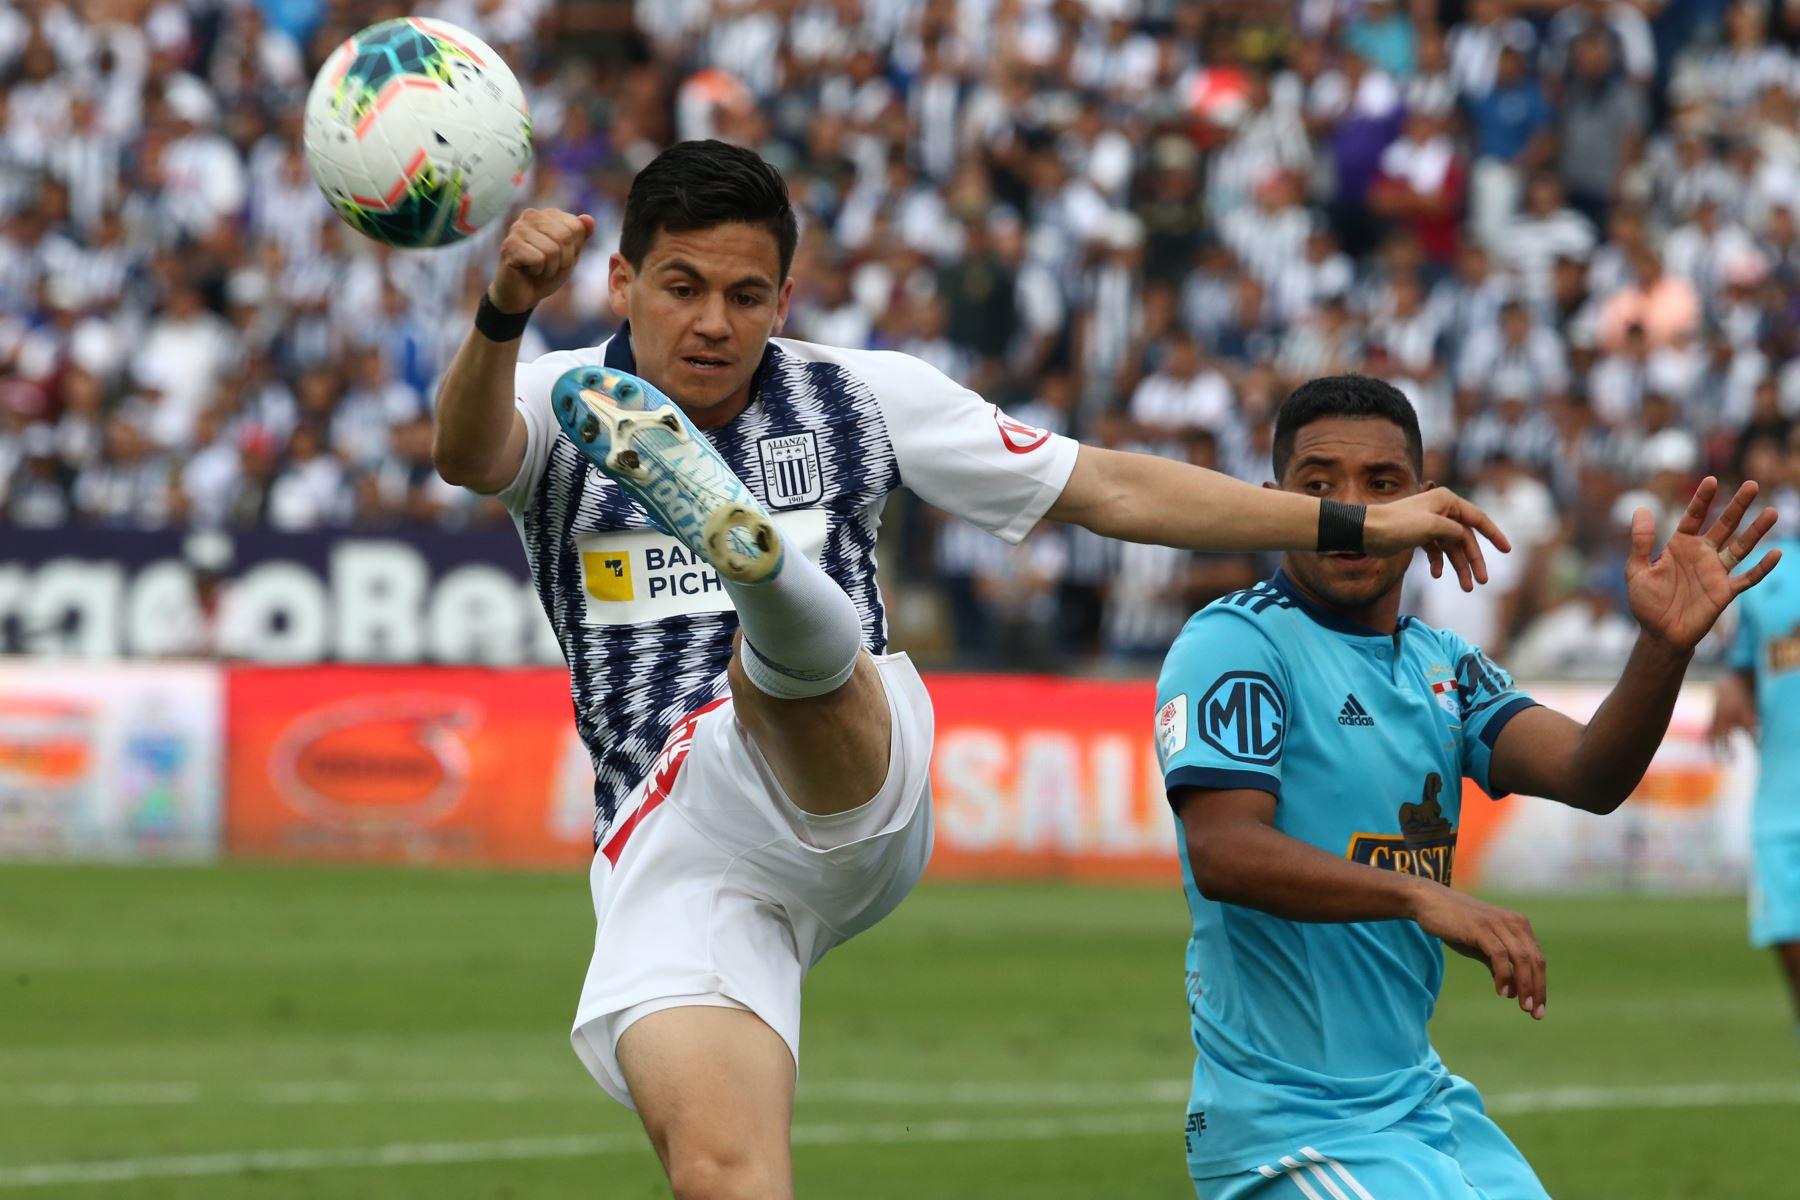 Anthony Rosell de Alianza Lima derrotó 1-0 a Cristal por la semifinal de ida en Matute. Foto: ANDINA/Vidal Tarqui